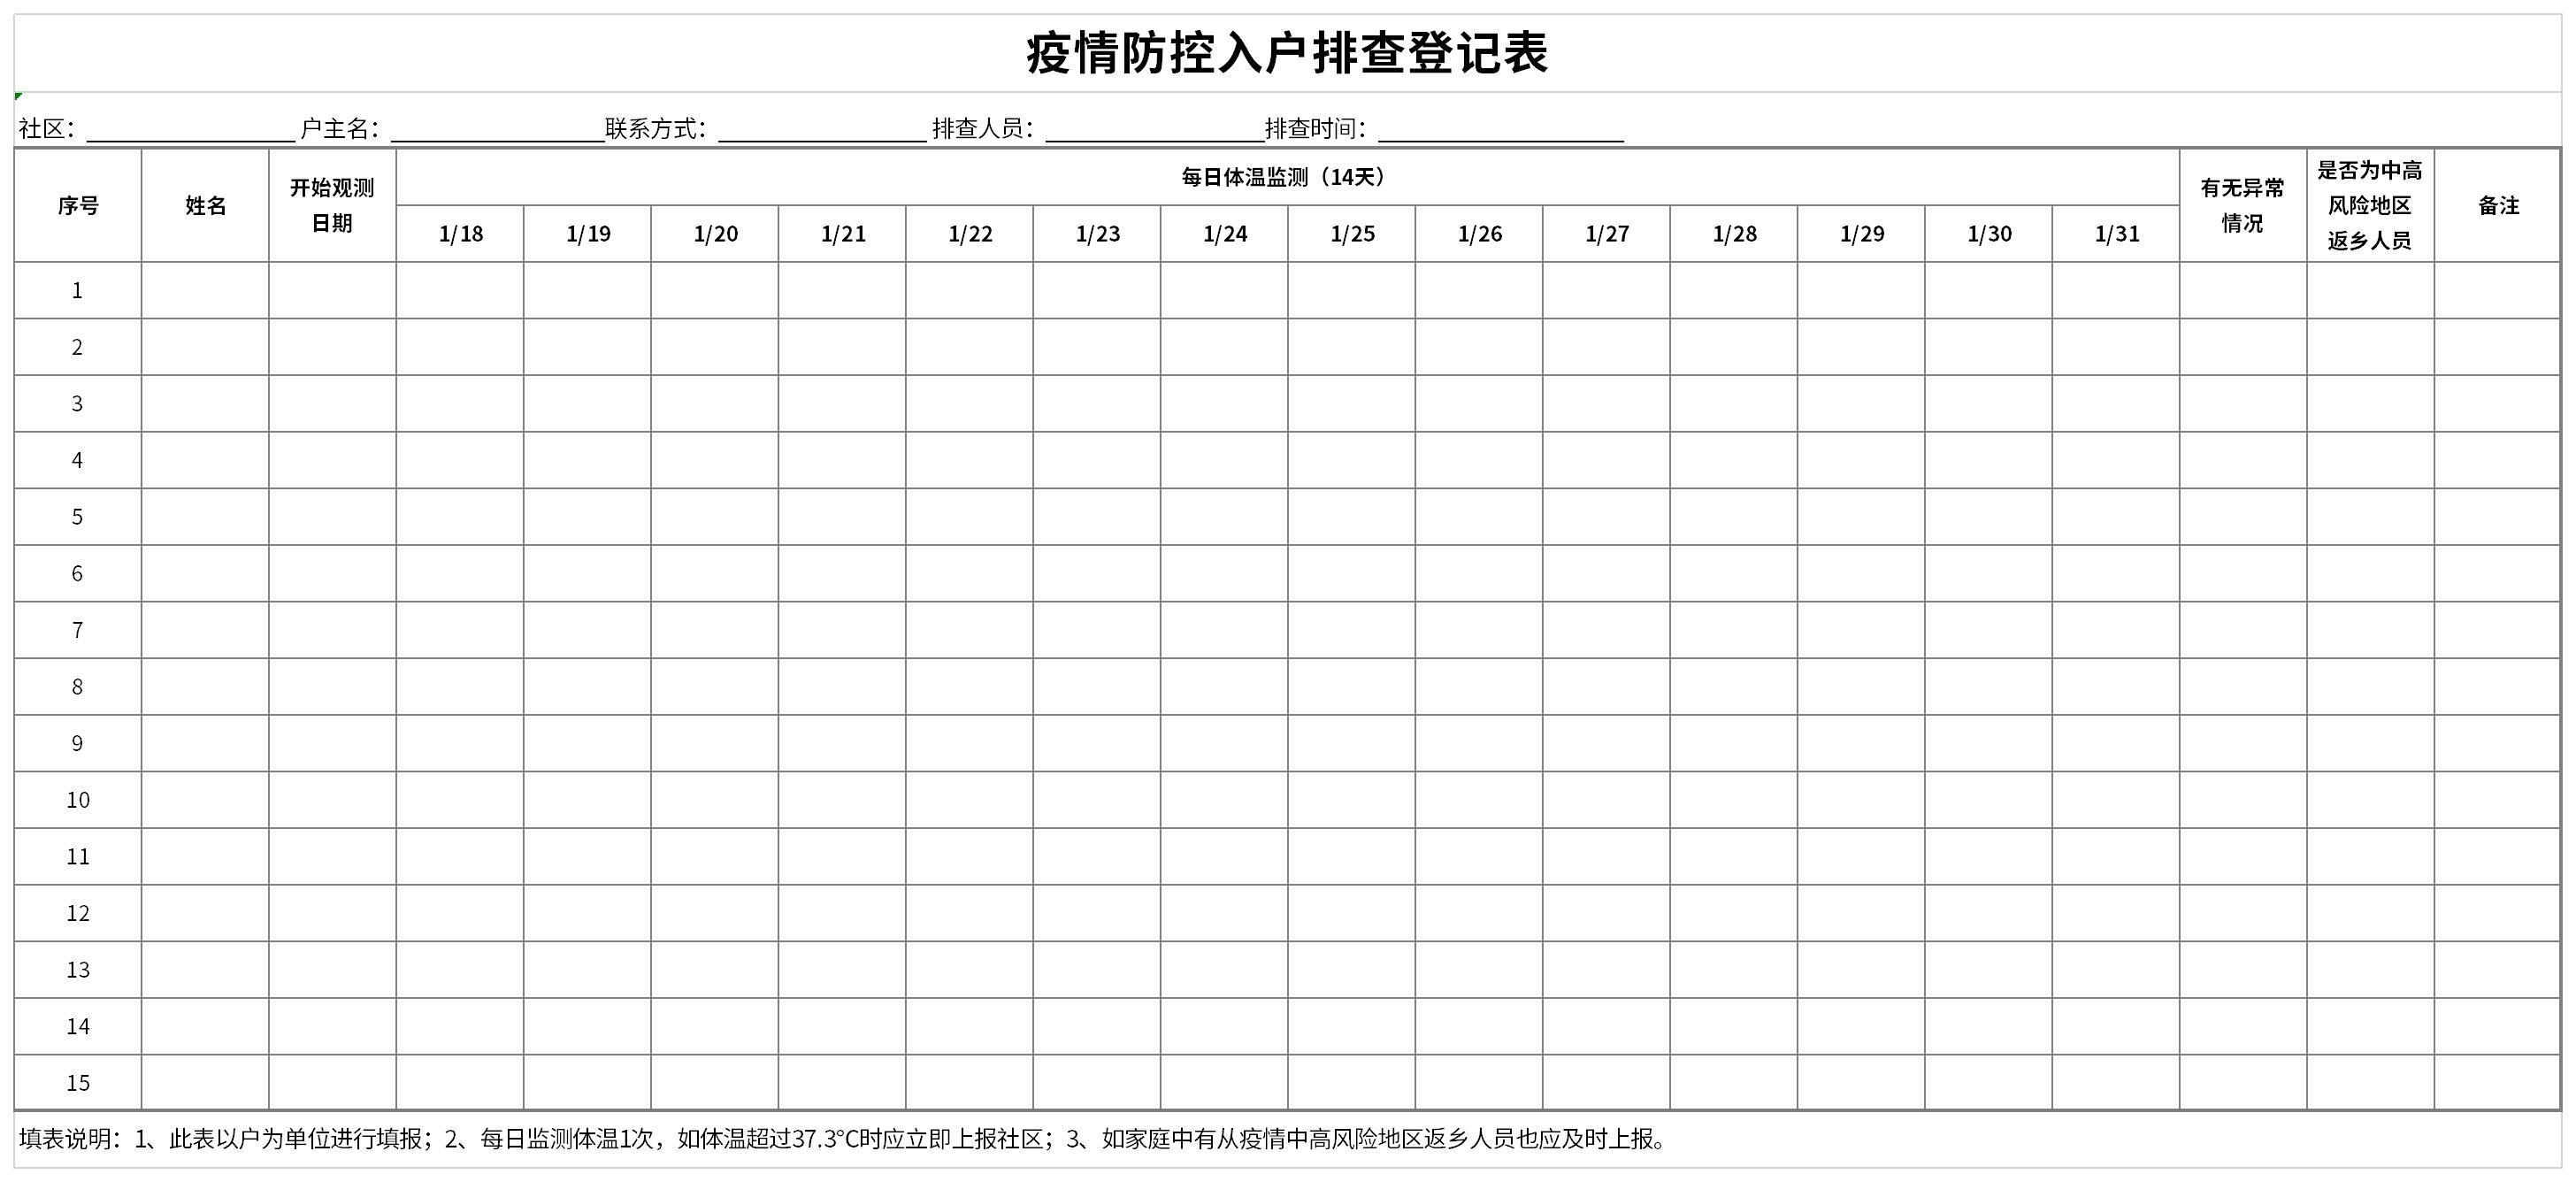 疫情防控入户排查登记表截图